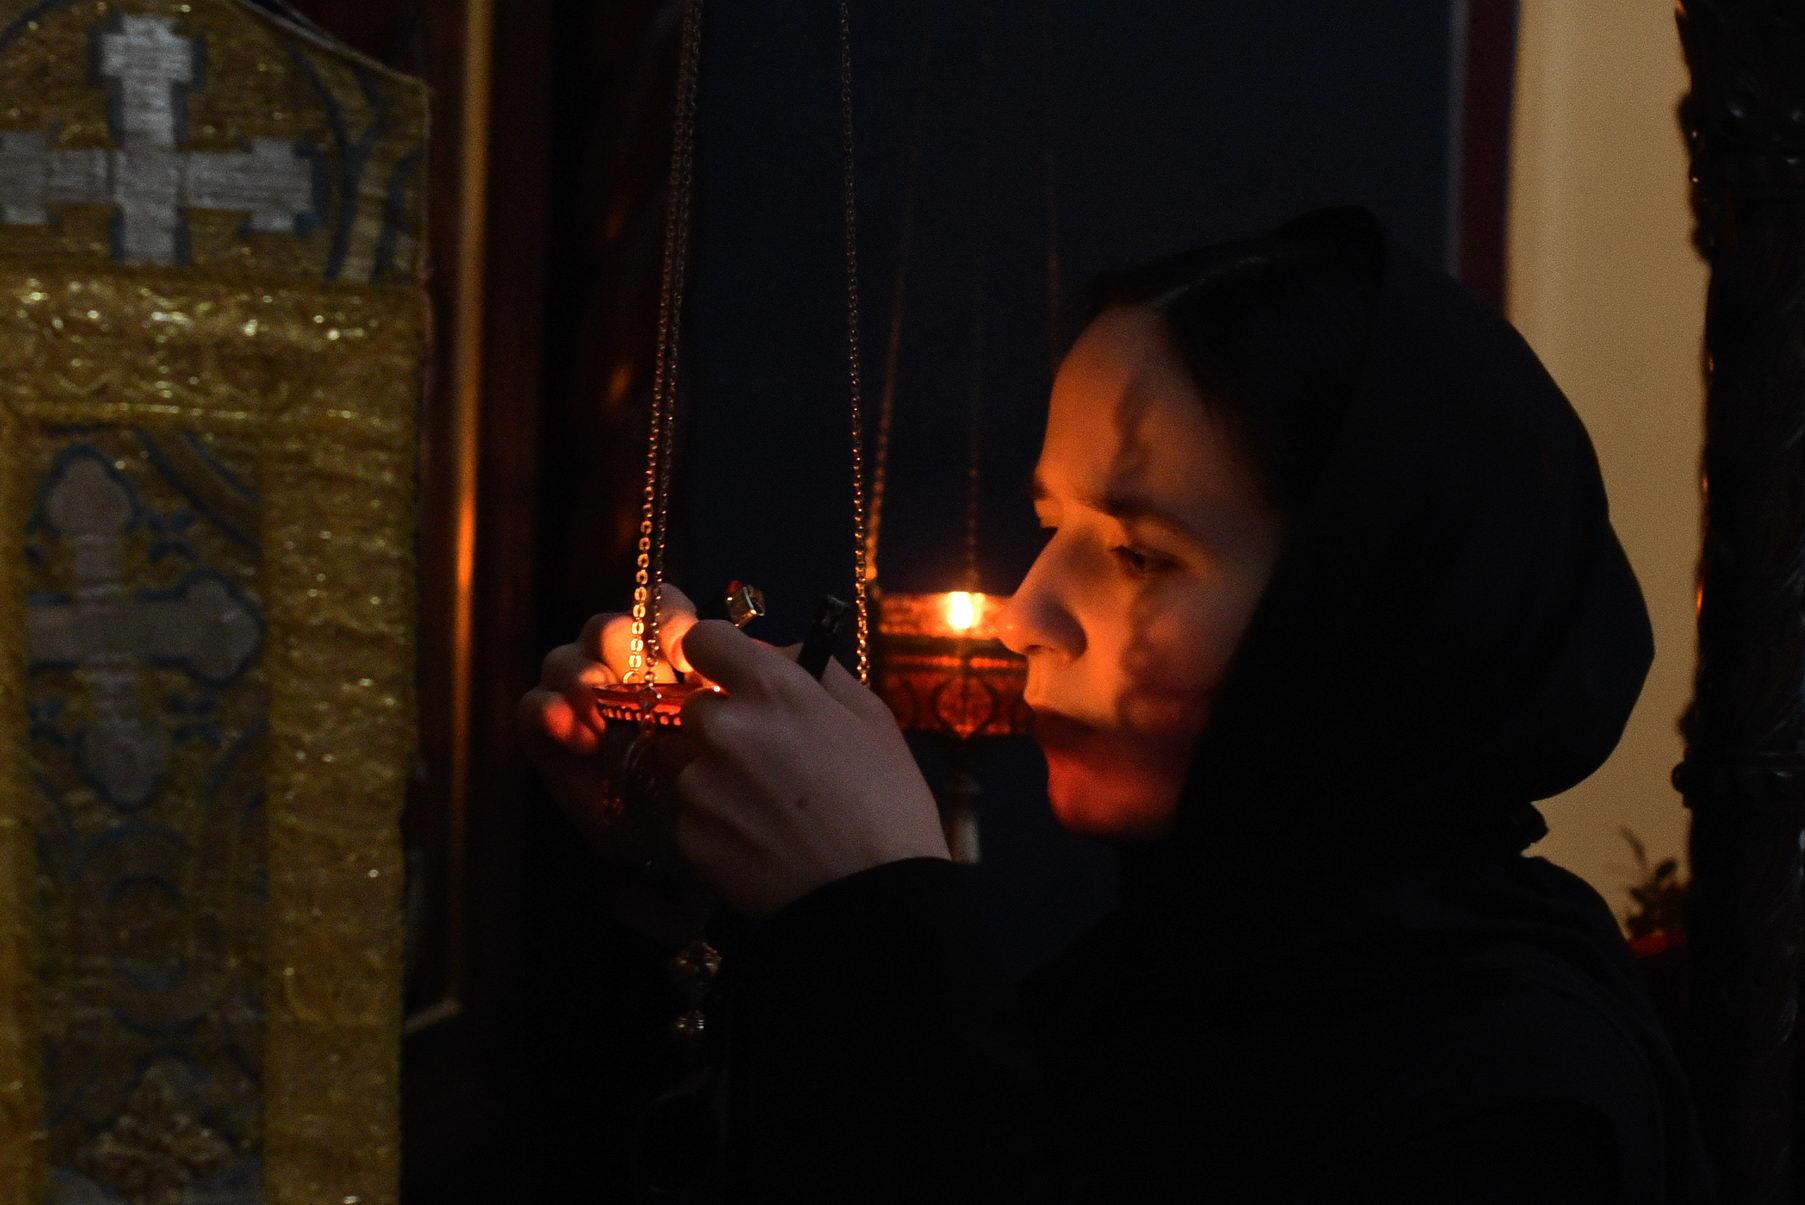 фотограф, Ваш профессиональный фотограф в Киеве, Авторская студия профессионального фотографа Сергея Рыжкова